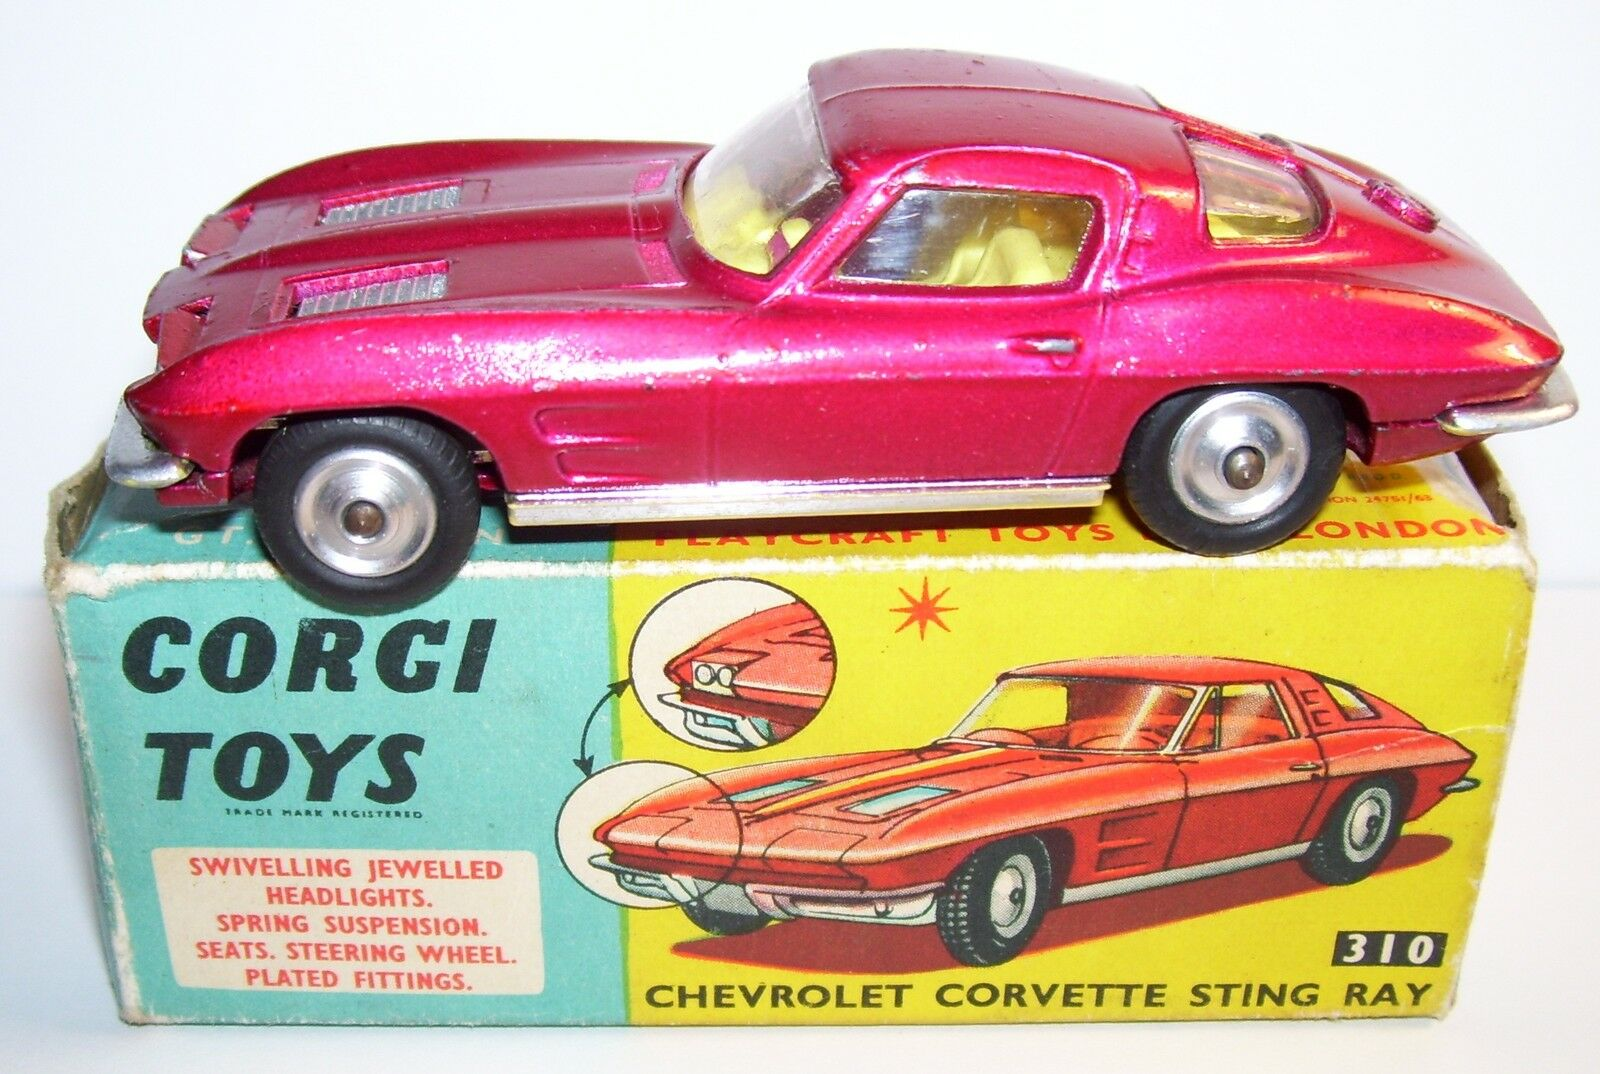 RARE CORGI TOYS CHEVROLET CORVETTE PHARES ESCAMOTABLES red METAL 310 1963 BOX